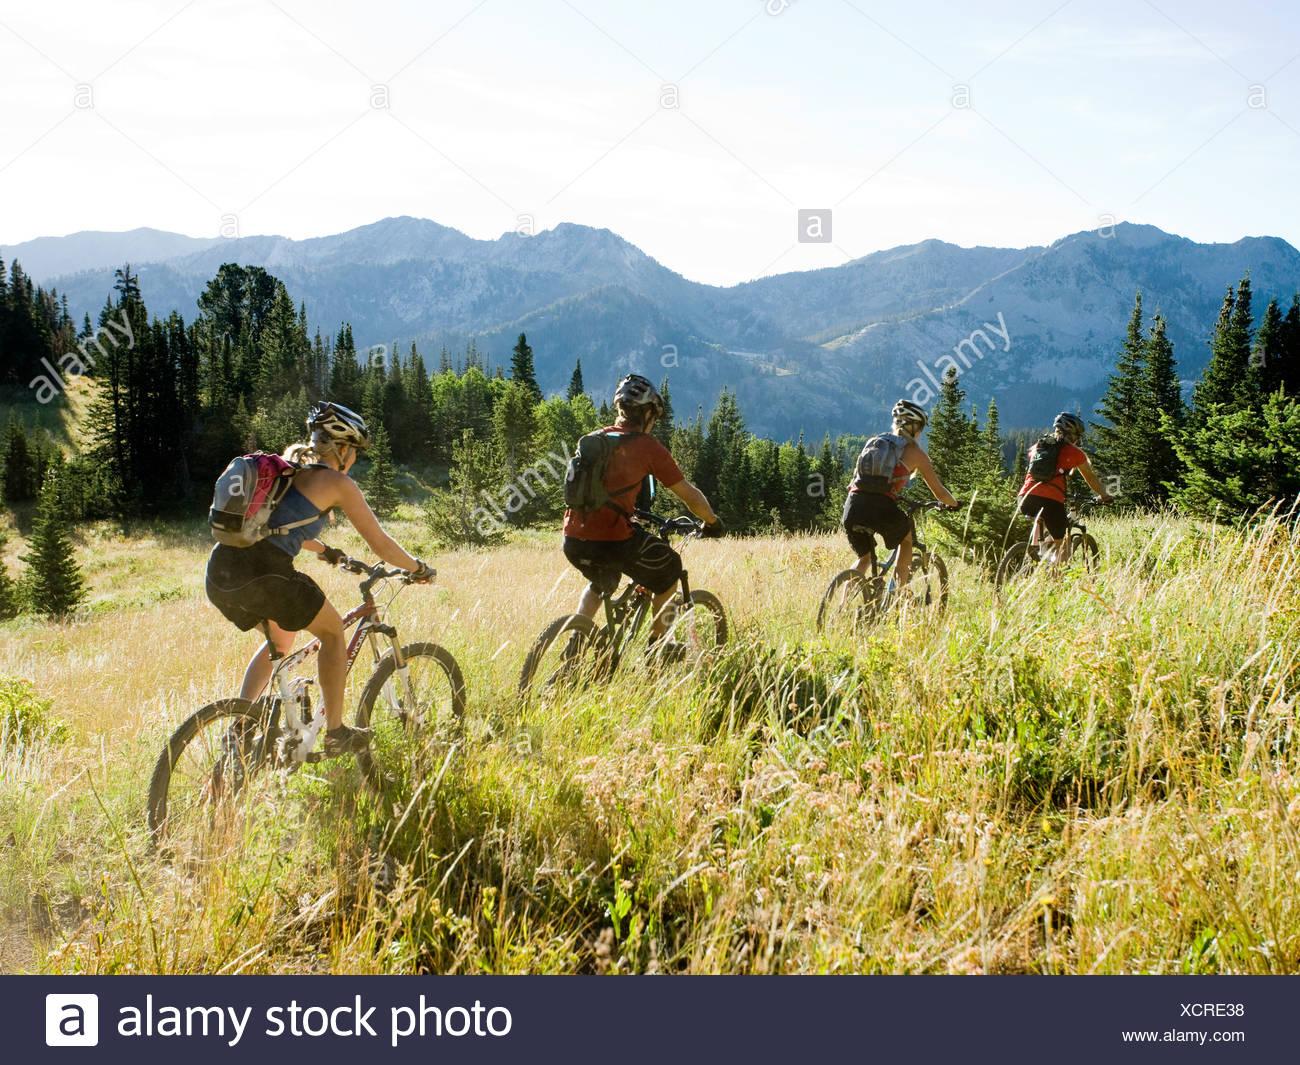 Los ciclistas de montaña montar abajo de un rastro Imagen De Stock